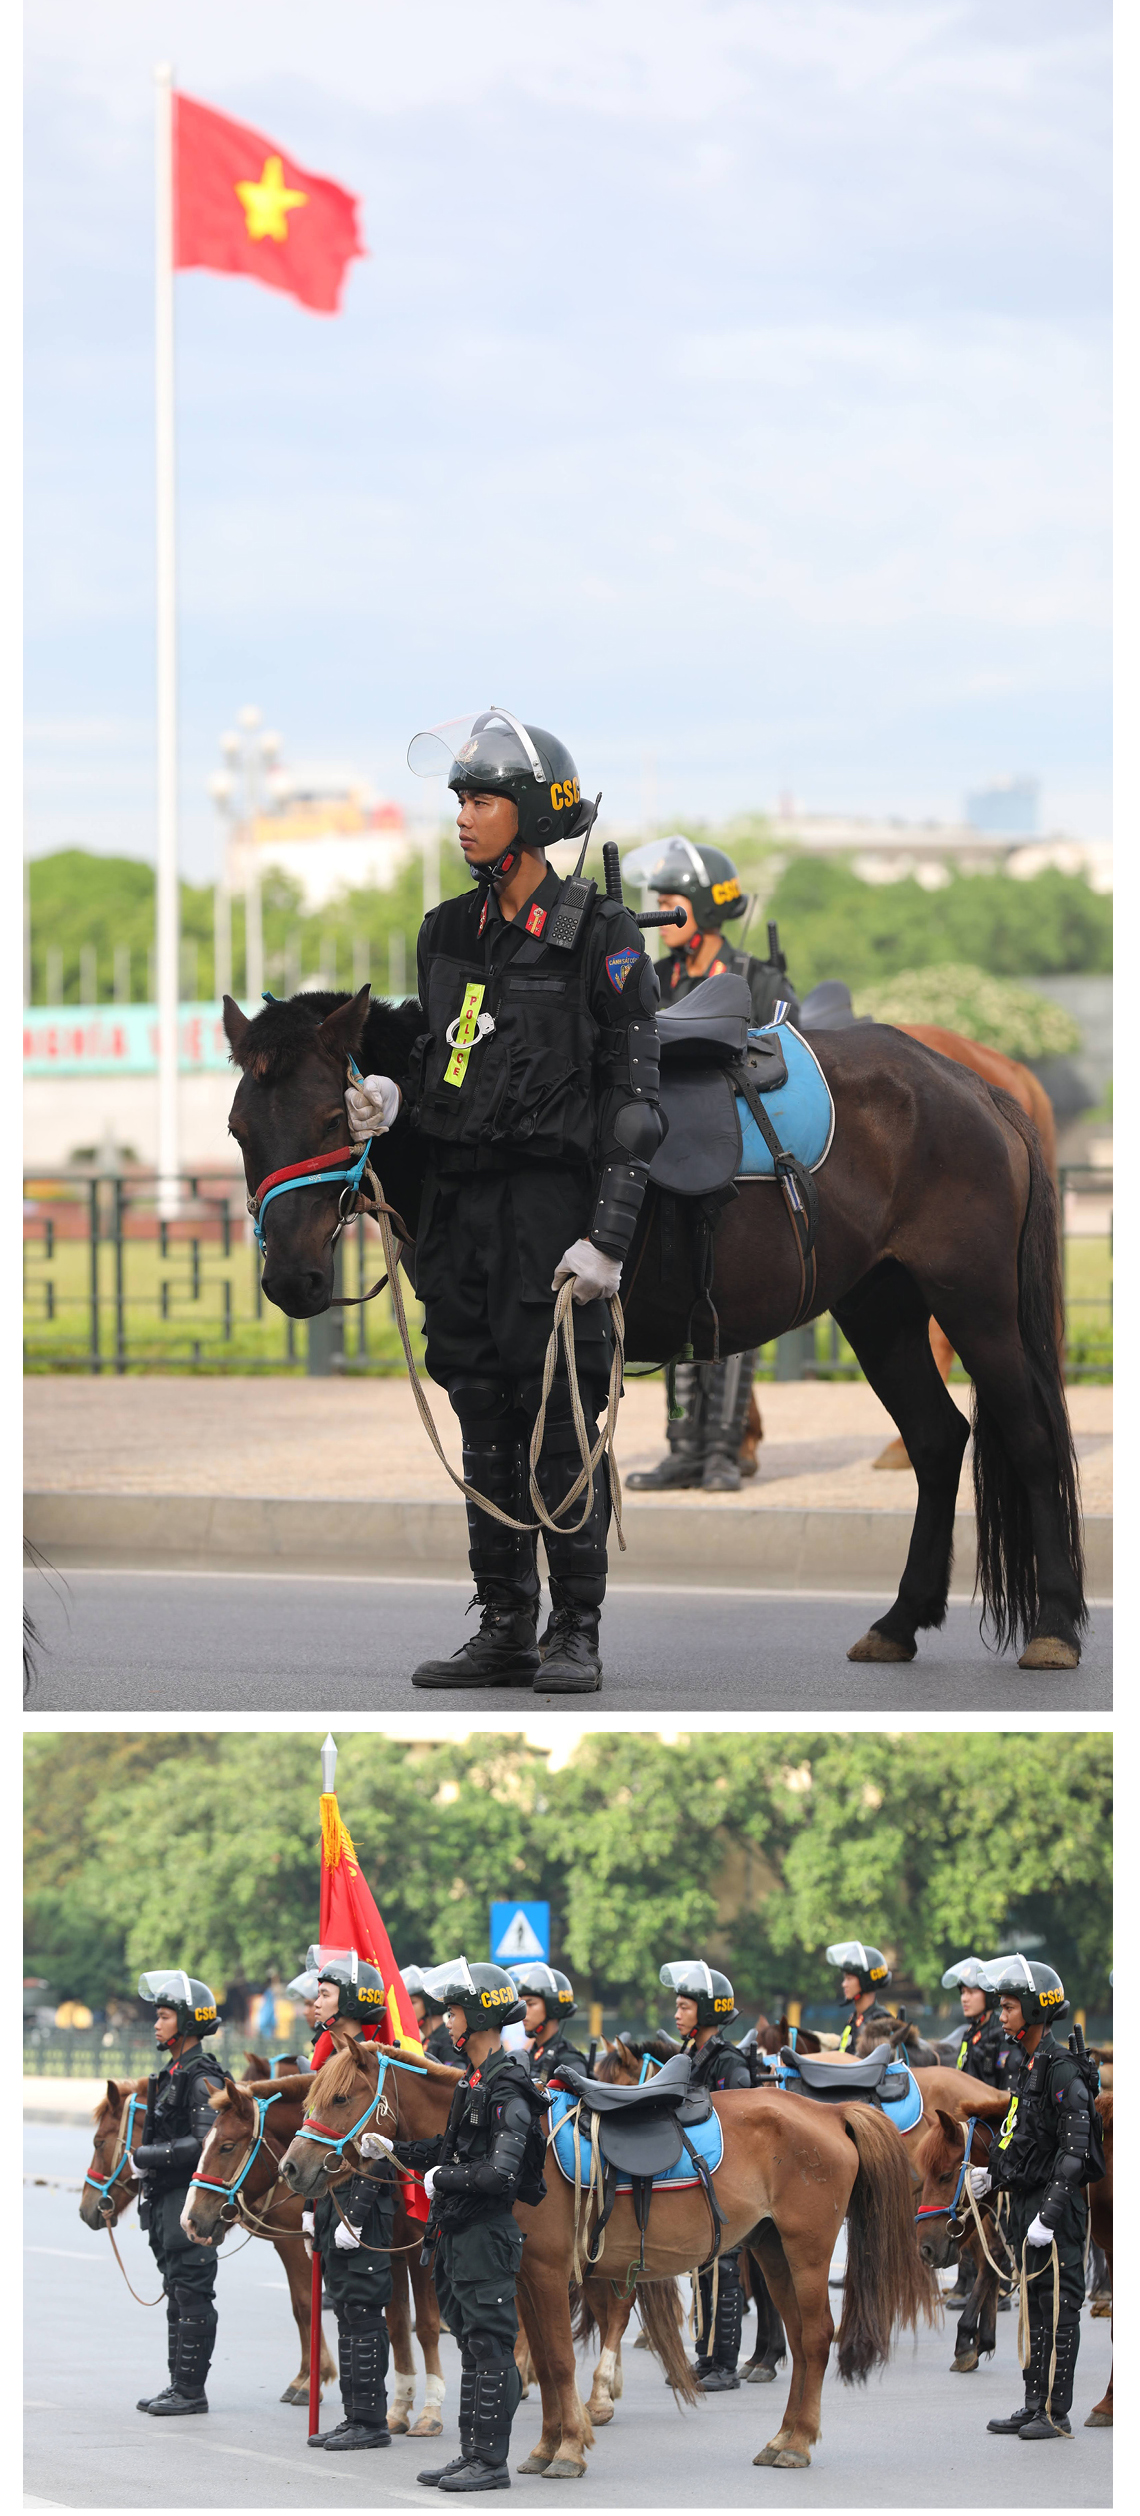 Ra mắt đoàn cảnh sát cơ động kỵ binh  ảnh 6